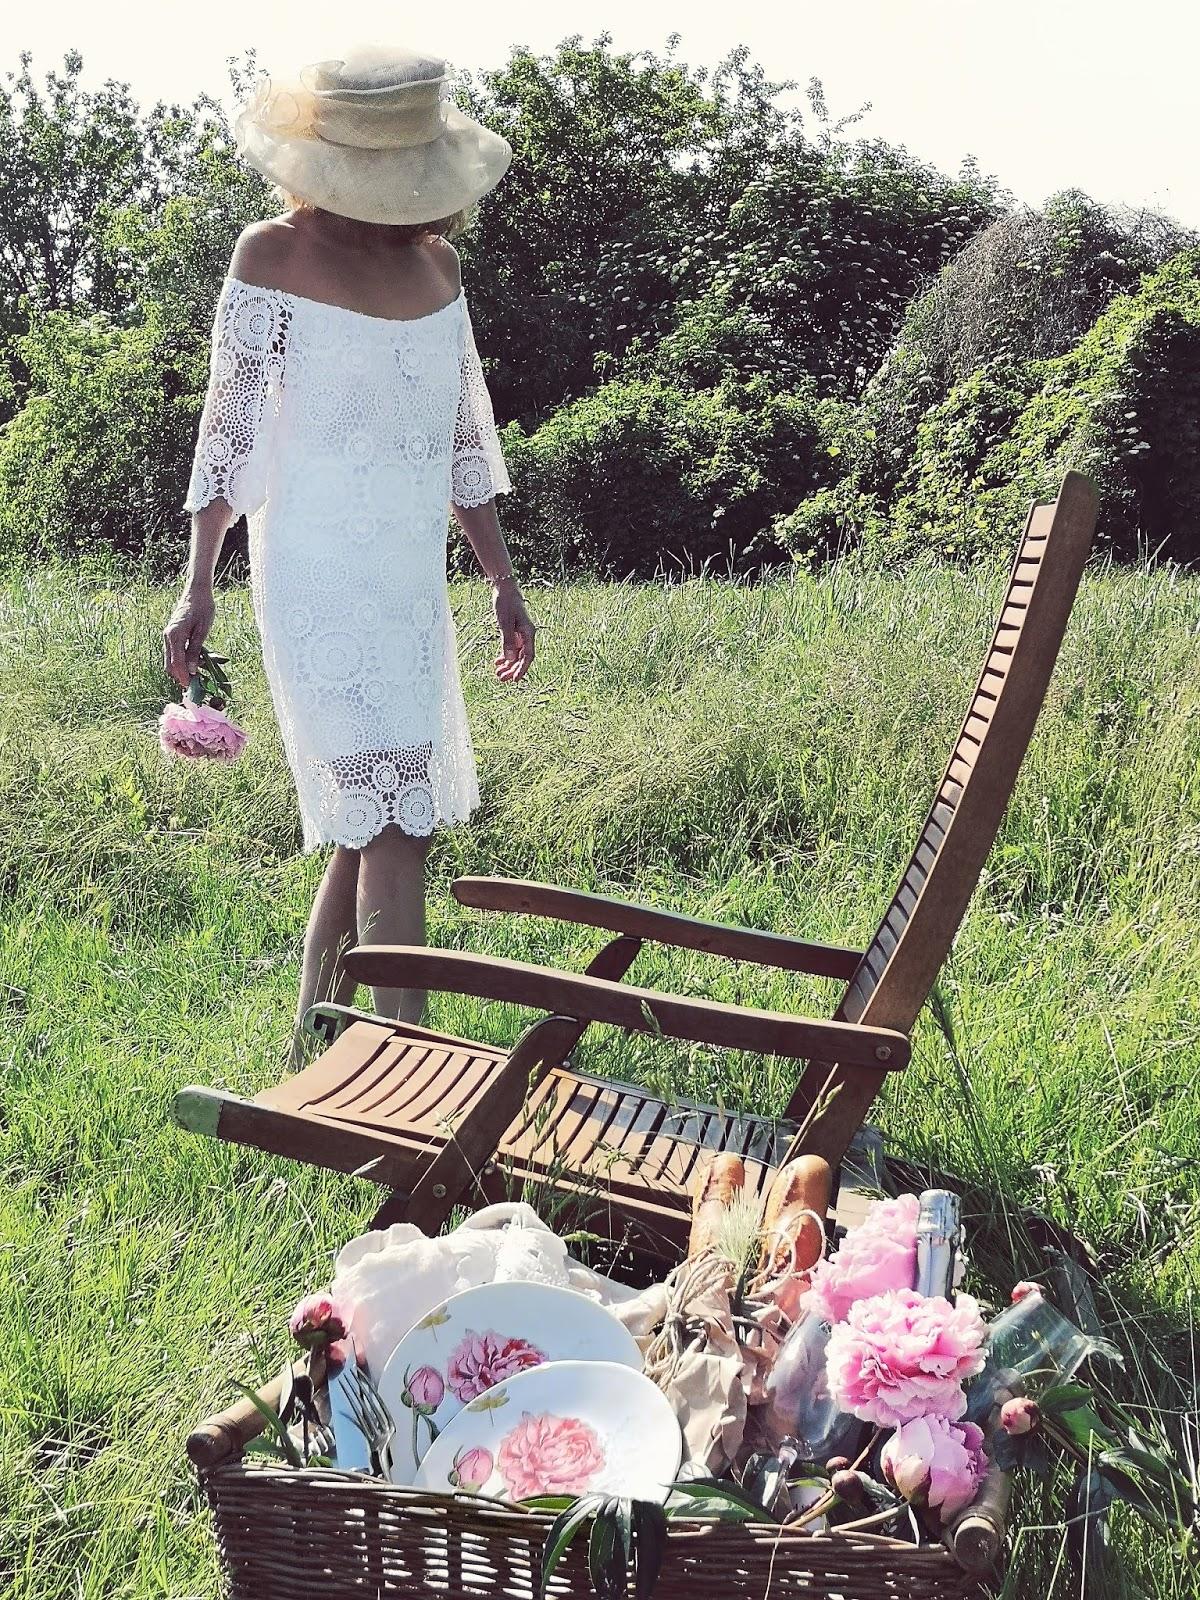 come organizzare un picnic